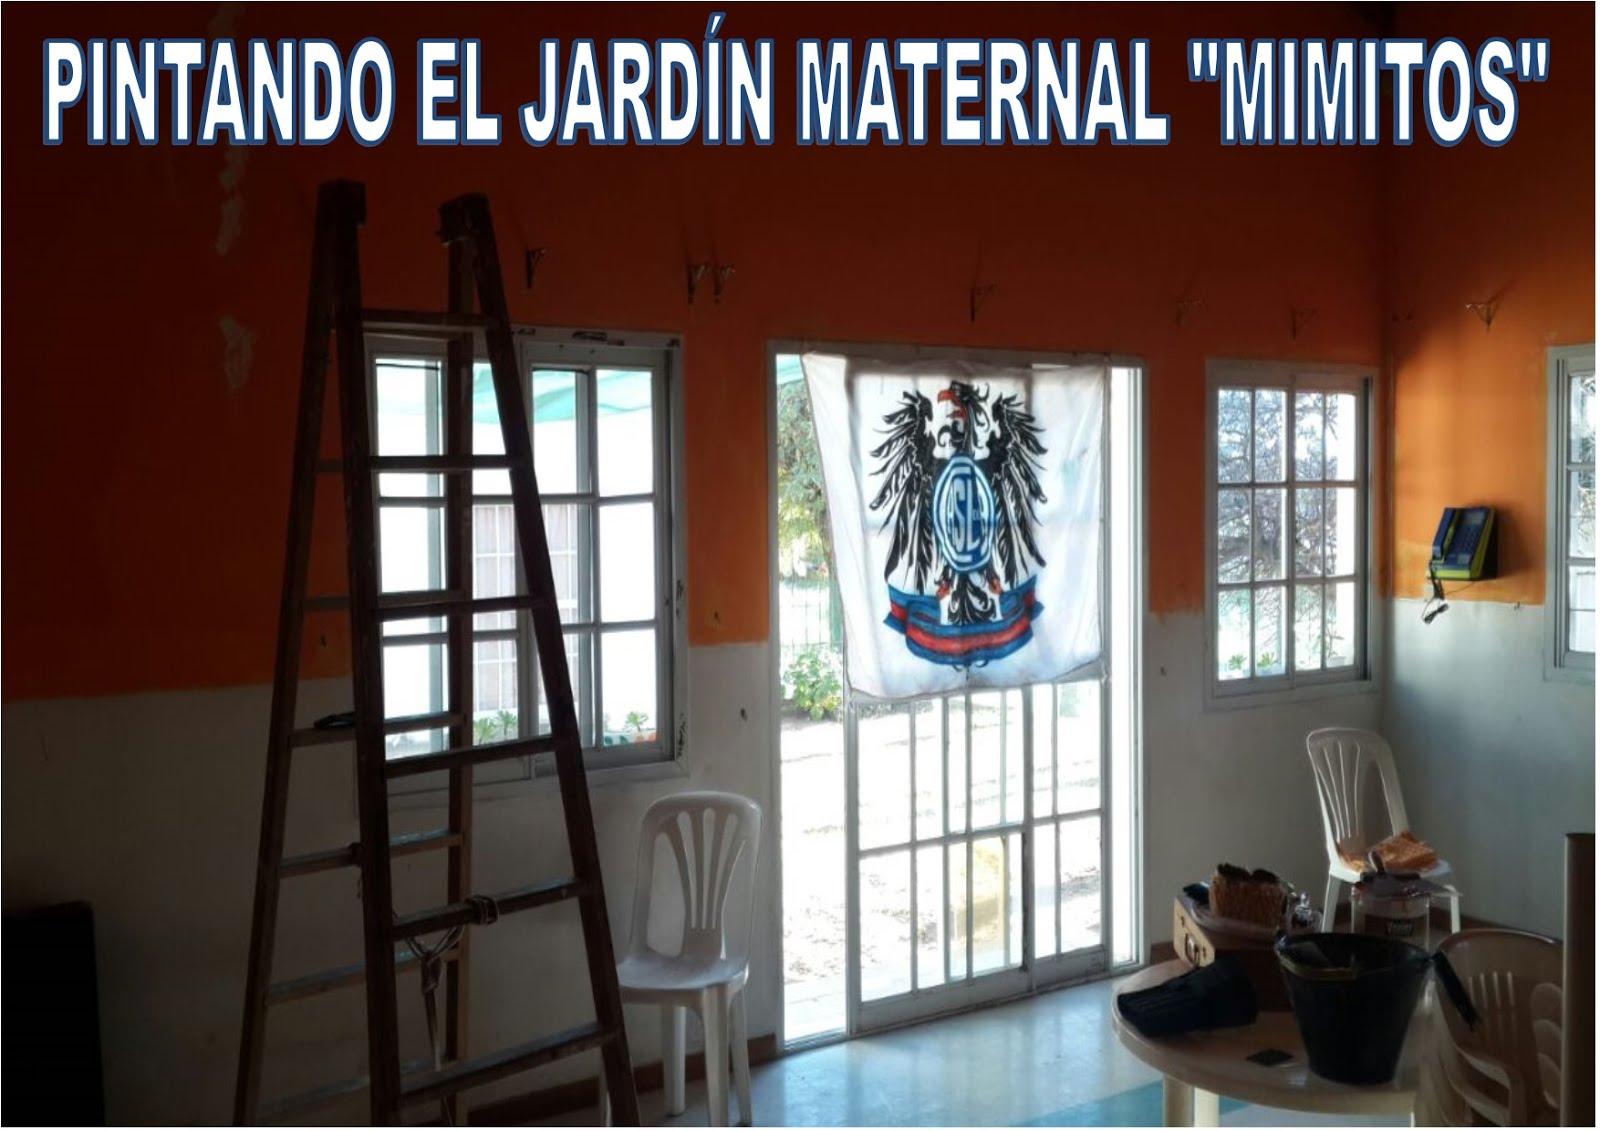 Departamento de agrupaciones y pe asclub atletico san for Jardin maternal unlp 2015